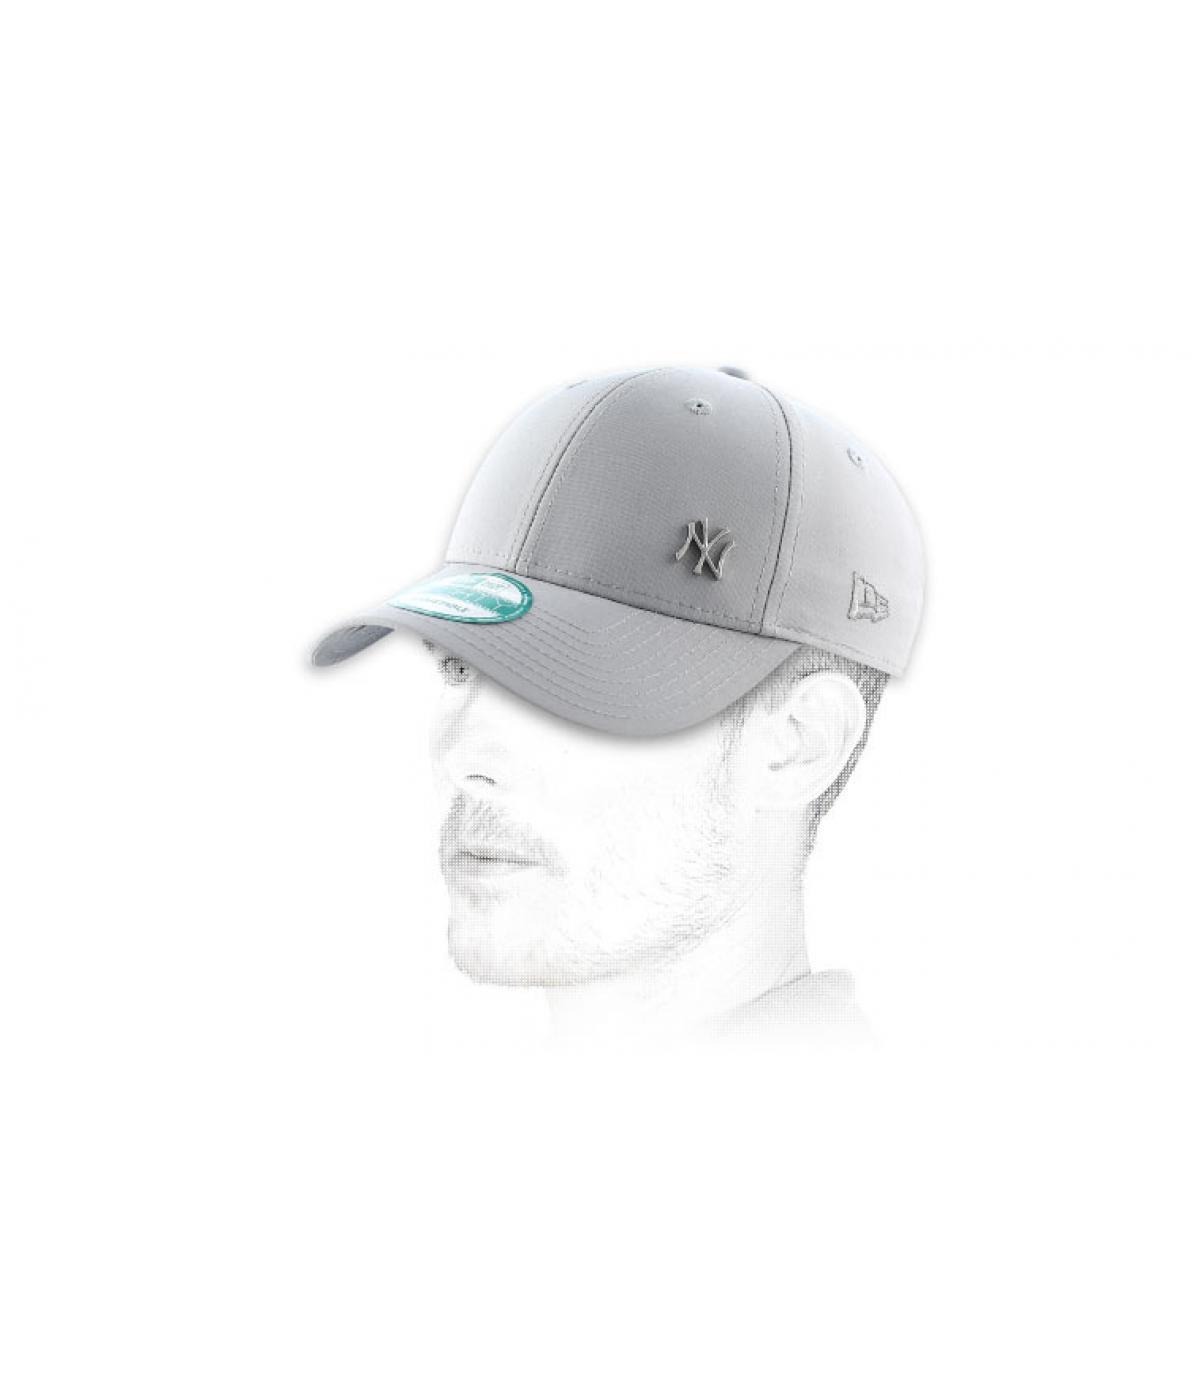 MLB flawless logo NY gray cap